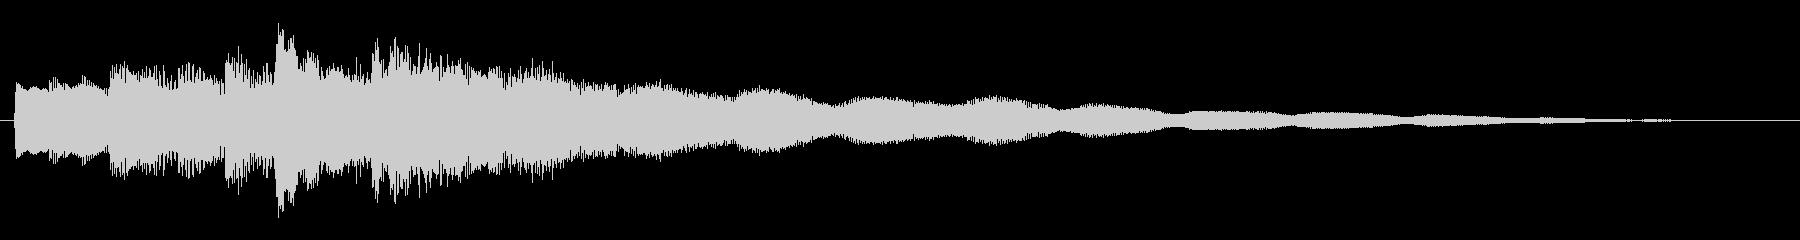 不思議・幻想的なエレピのジングルの未再生の波形